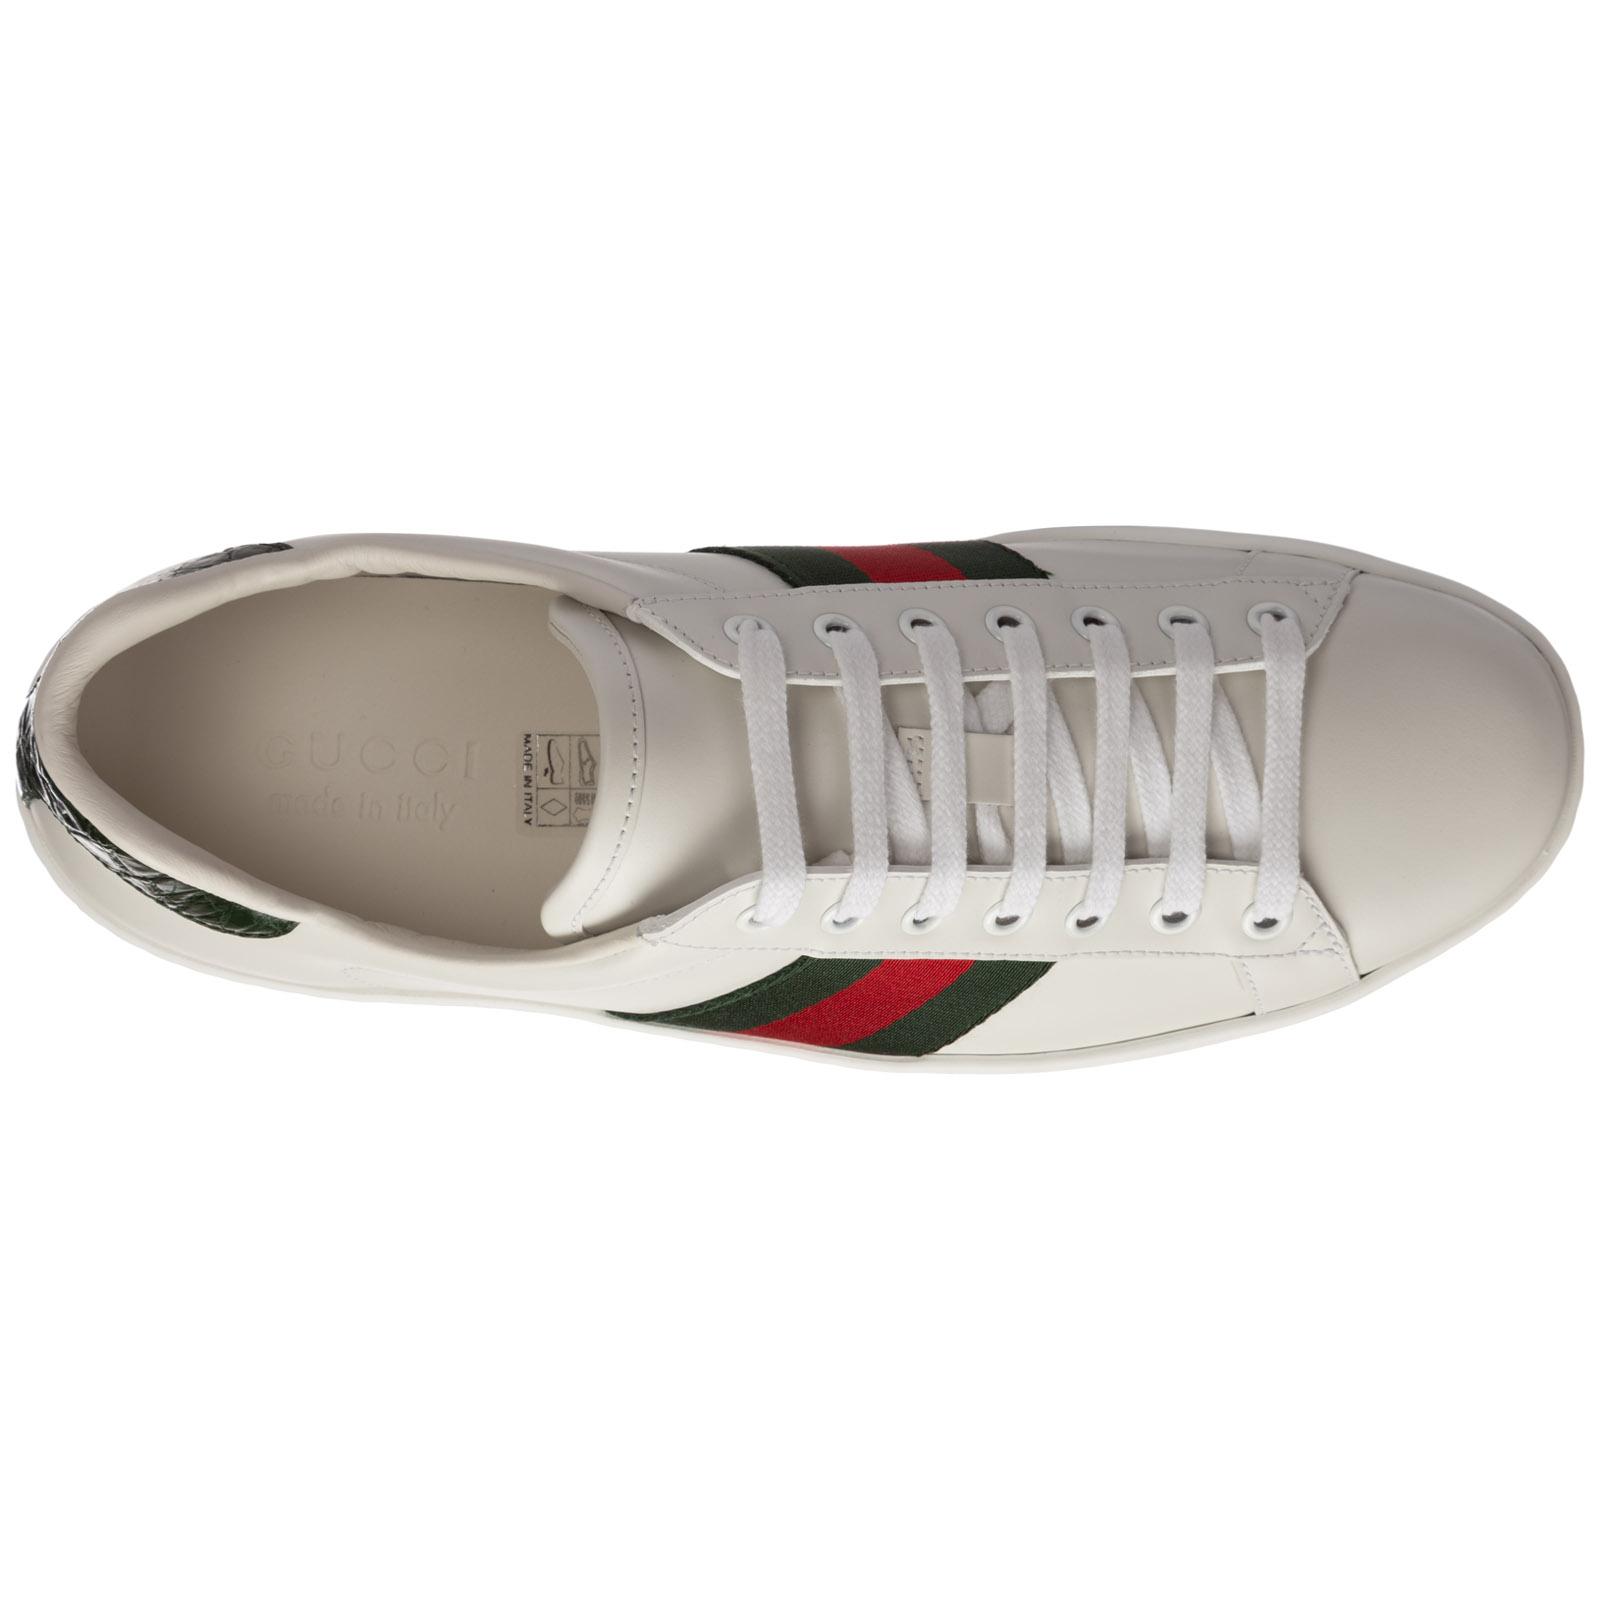 d136ef01205 ... Herrenschuhe herren leder schuhe sneakers mirò soft nastro ...